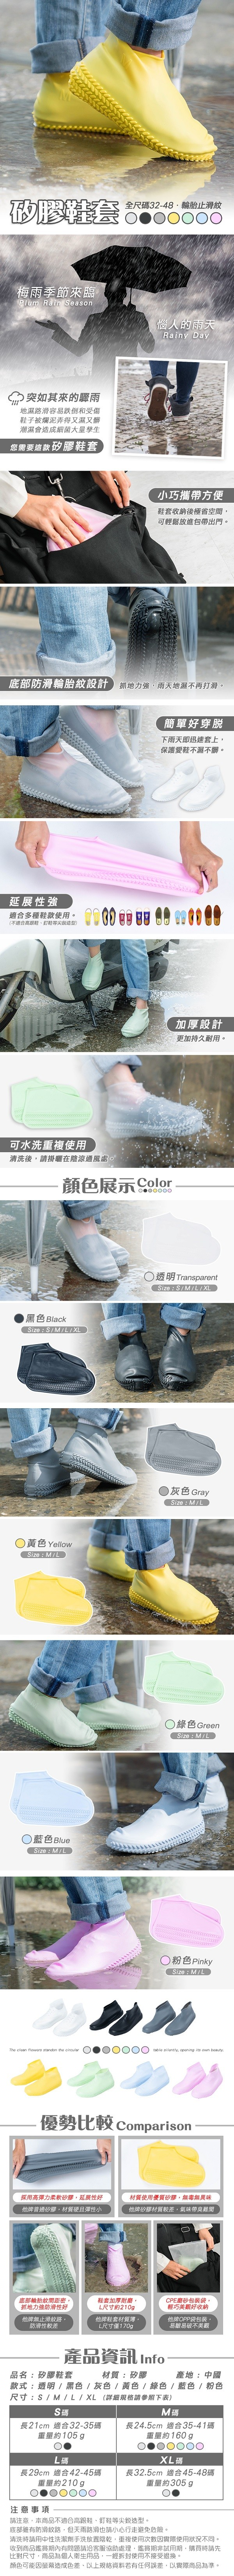 鞋套、雨鞋套、矽膠鞋套、雨鞋、雨具、雨衣、防水鞋套